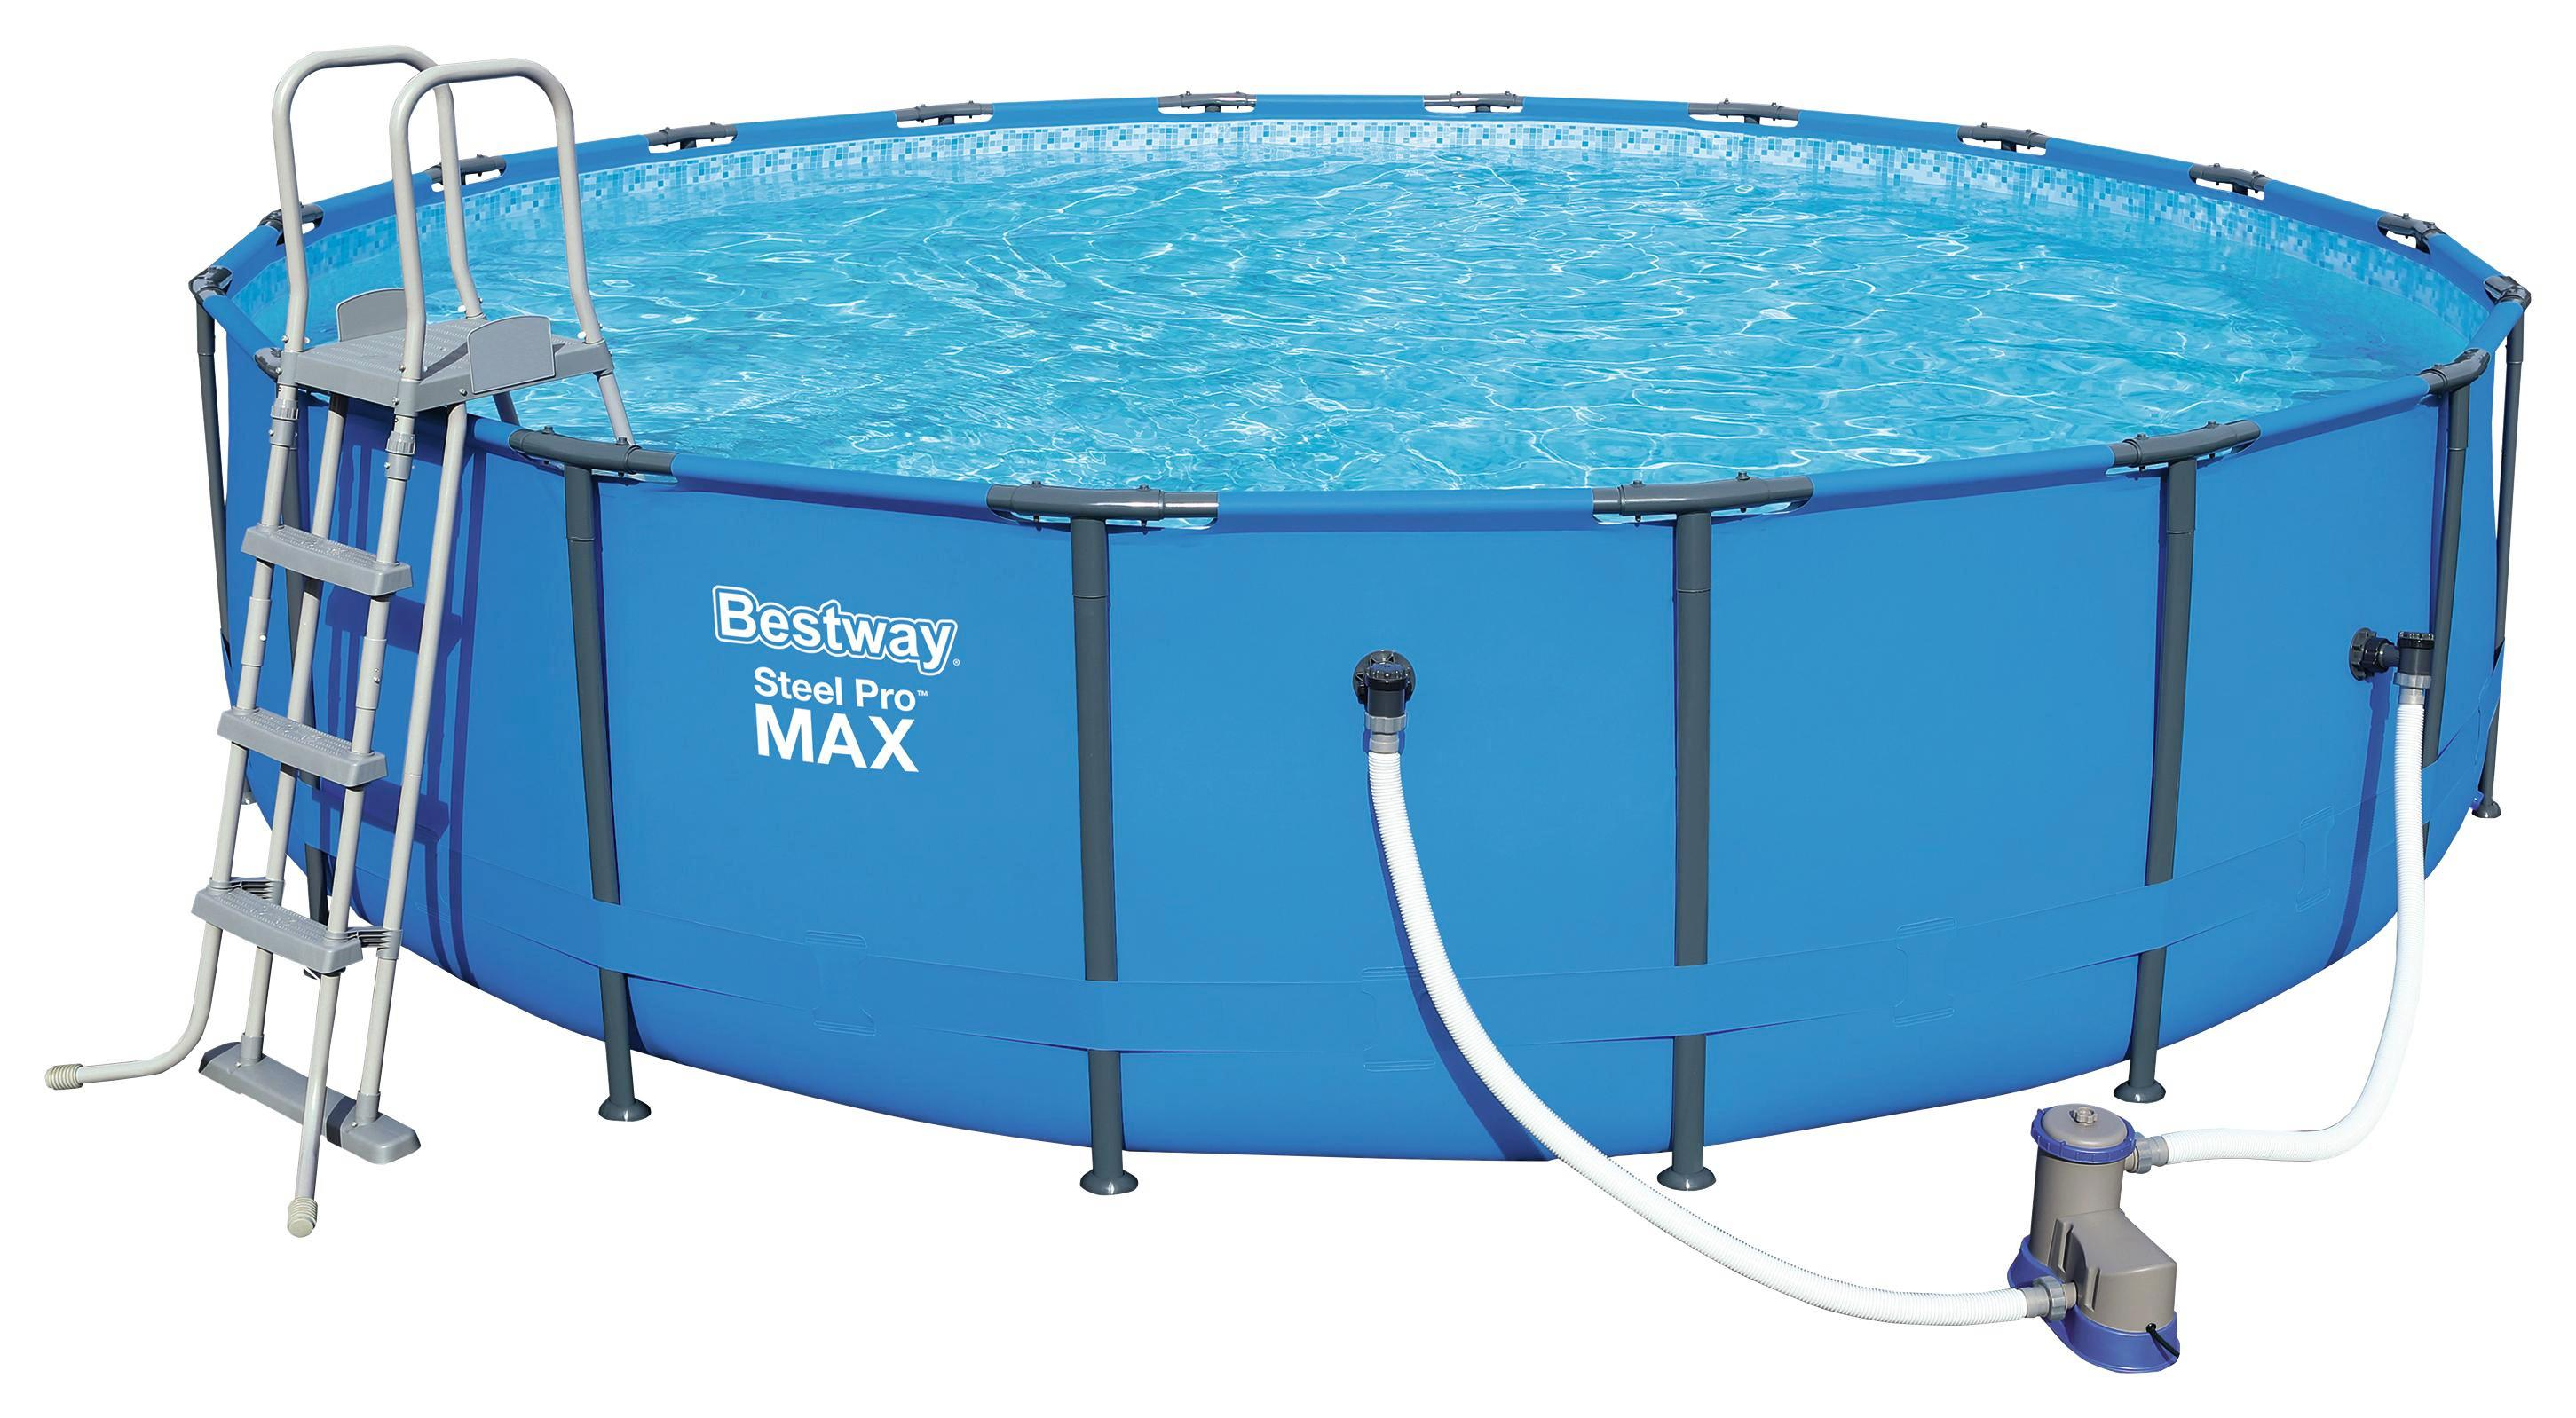 Bestway Schwimmbecken Steel Pro Max Pool Set   Blau/Weiß, MODERN,  Kunststoff/